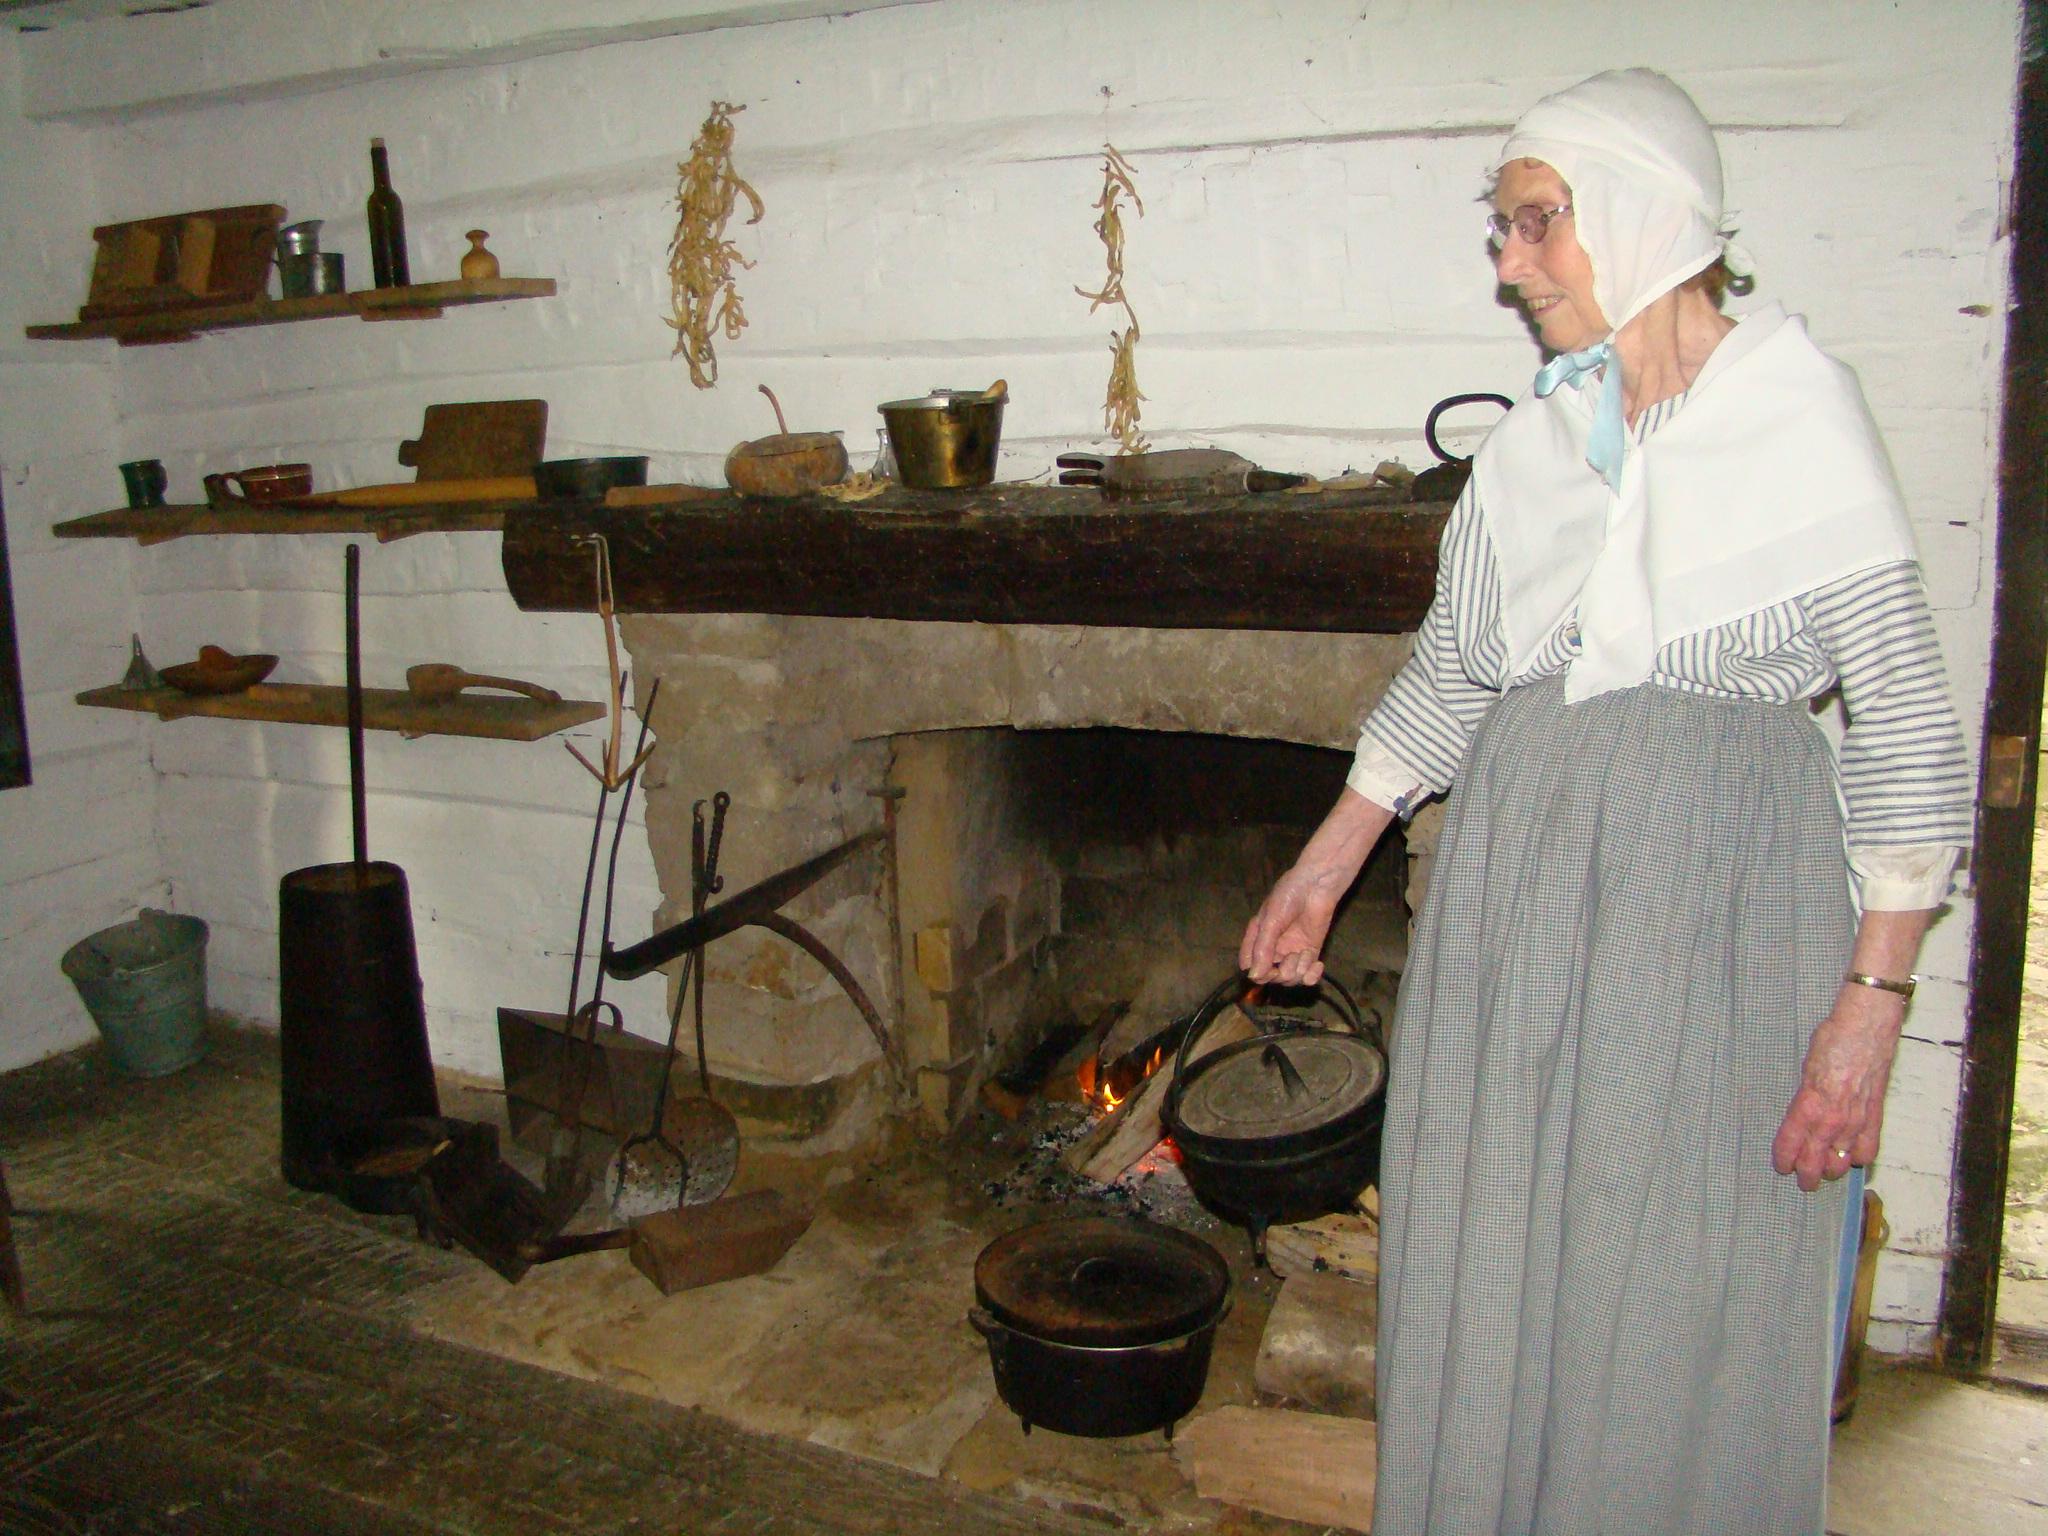 Schoenbrunn cooking fire